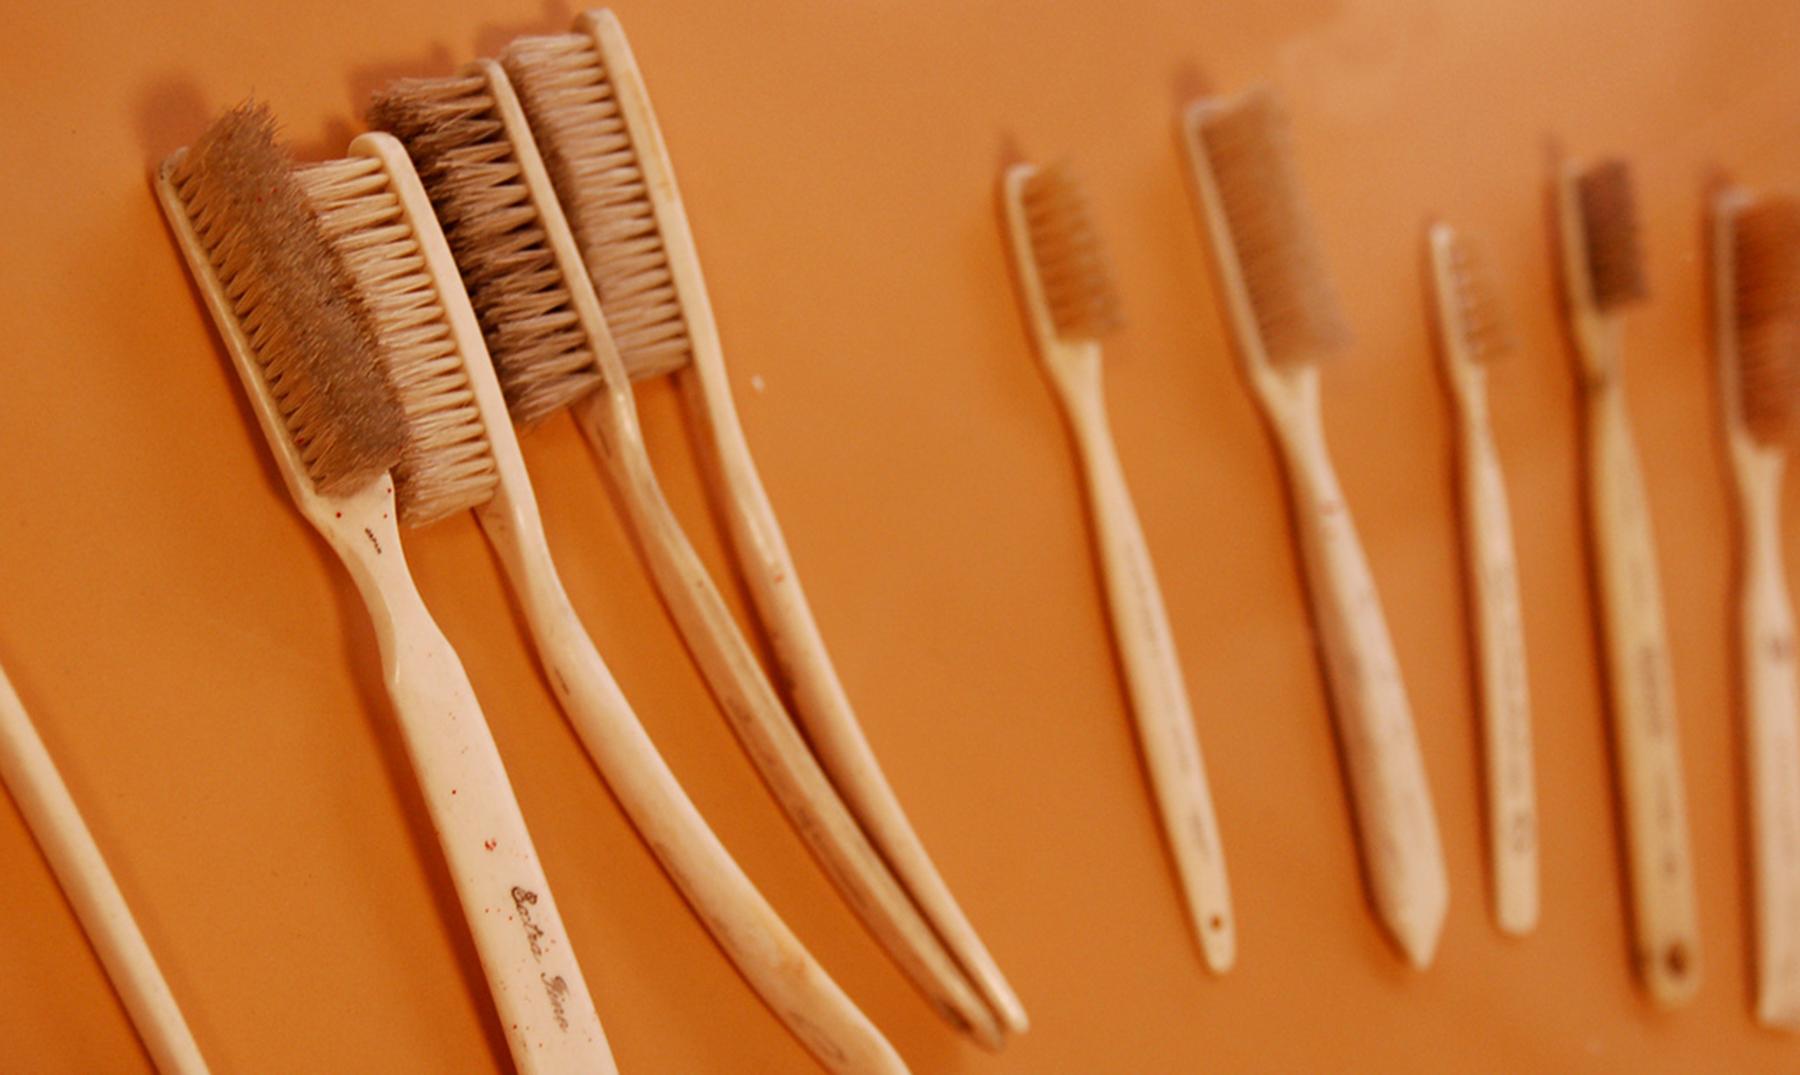 cepillos de dientes portada